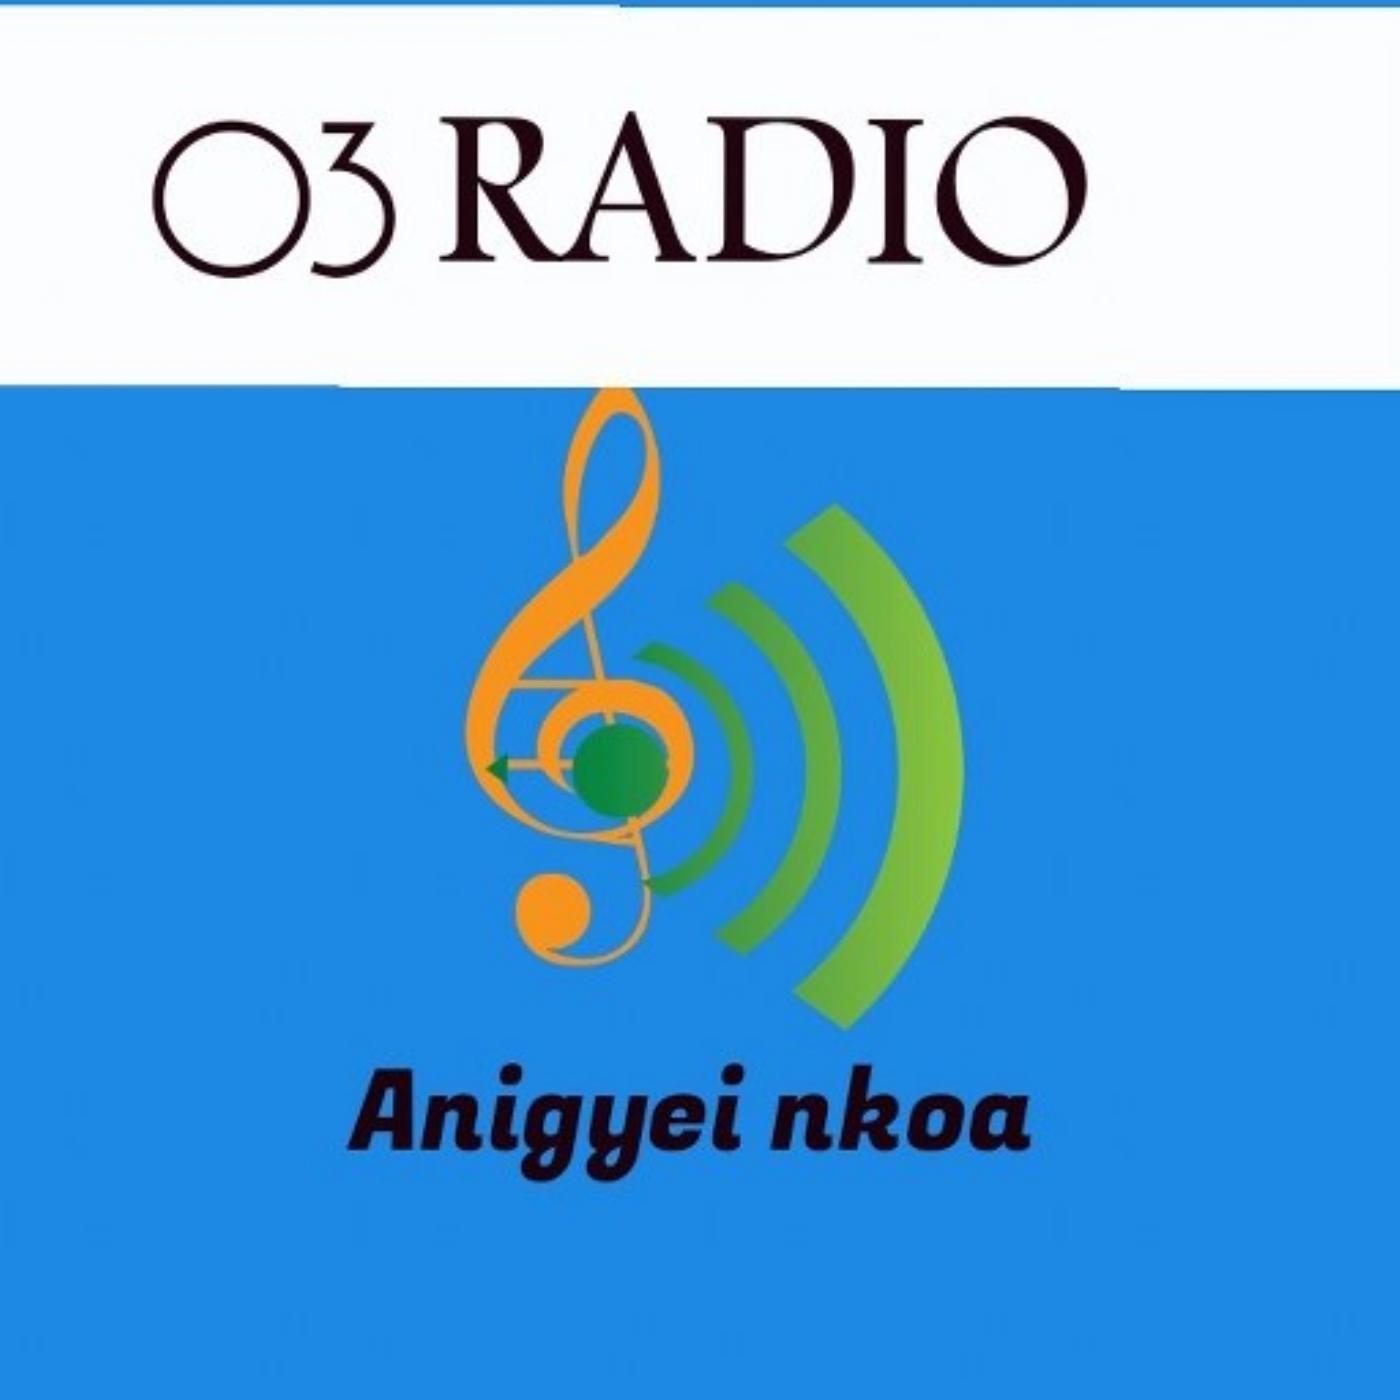 03 RADIO